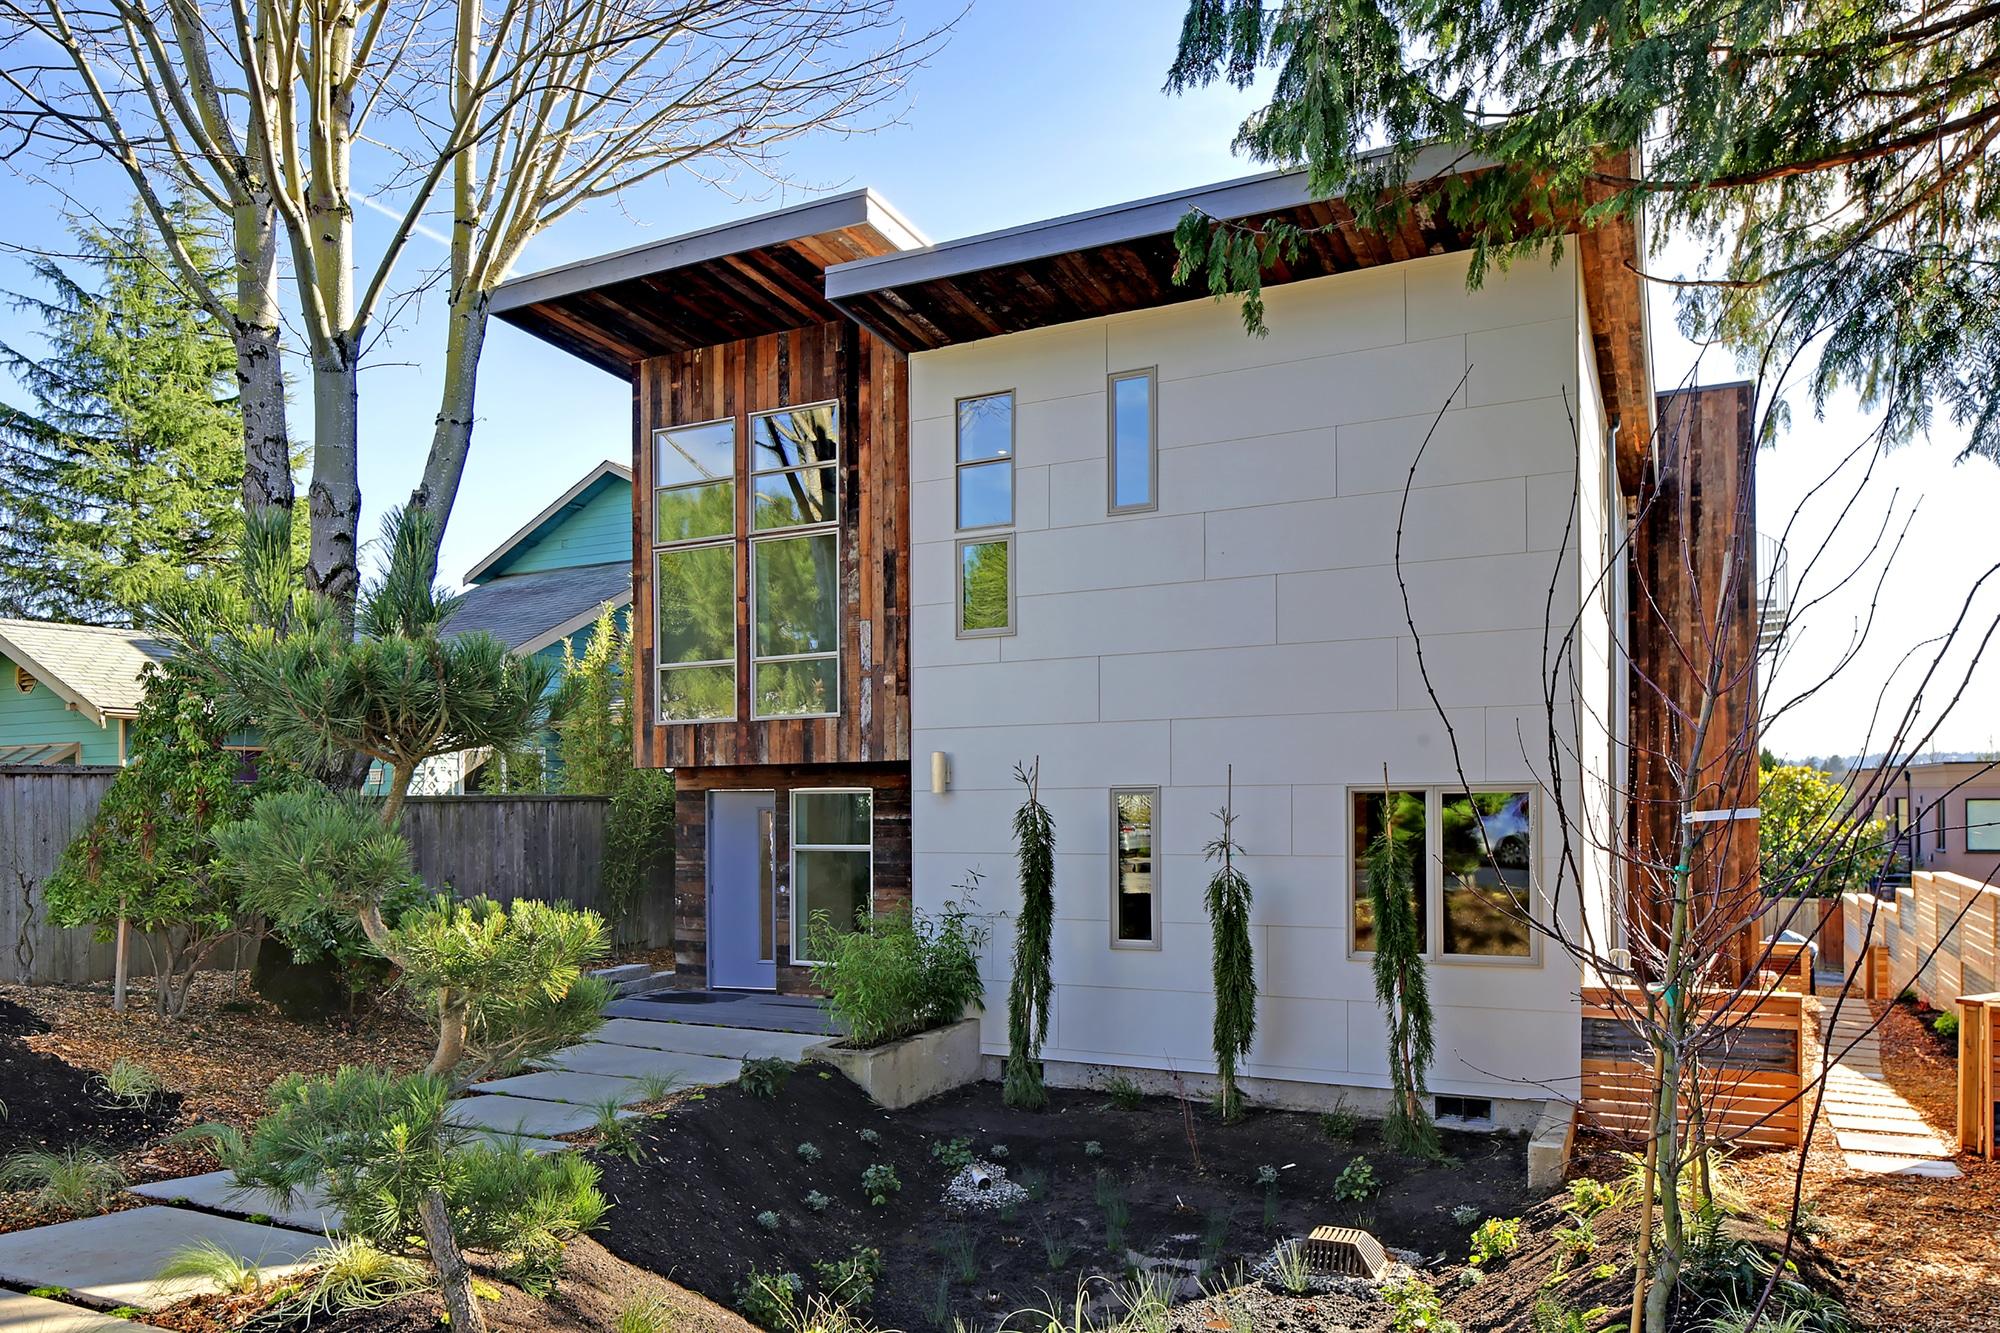 diseño casa ecológica autosuficiente [planos] | construye hogar